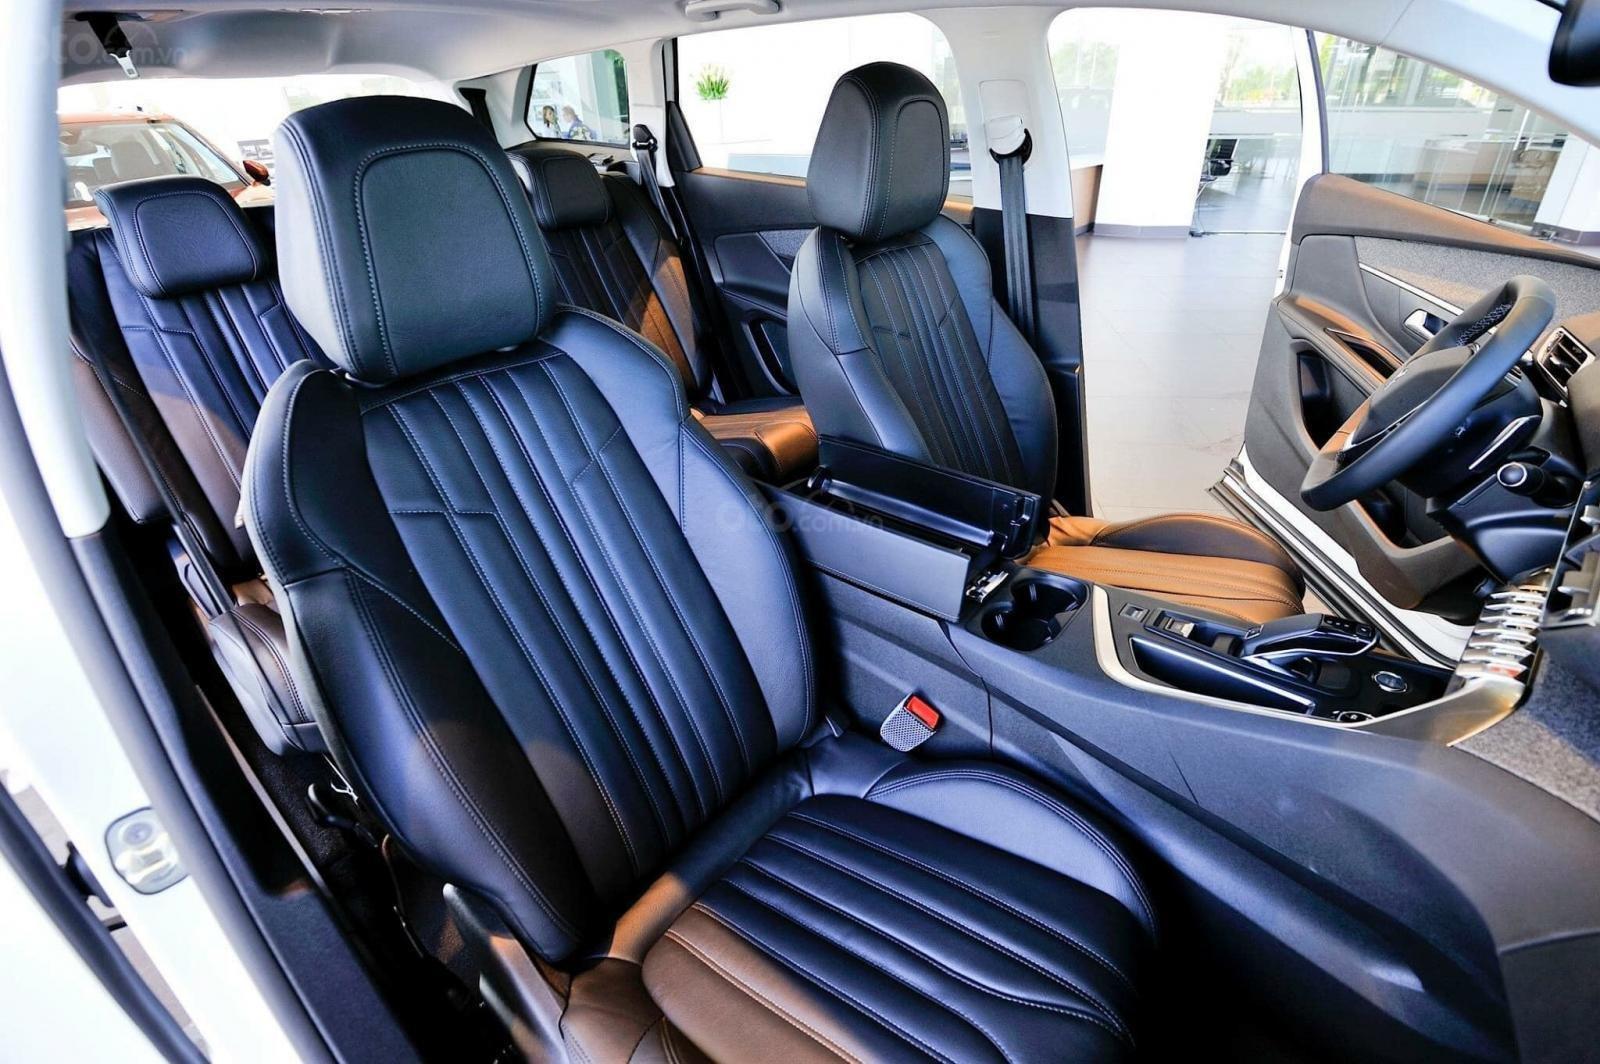 Peugeot 5008 2019 - Đủ màu, Giao xe ngay - Giá tốt nhất - 0938.901.869 (8)